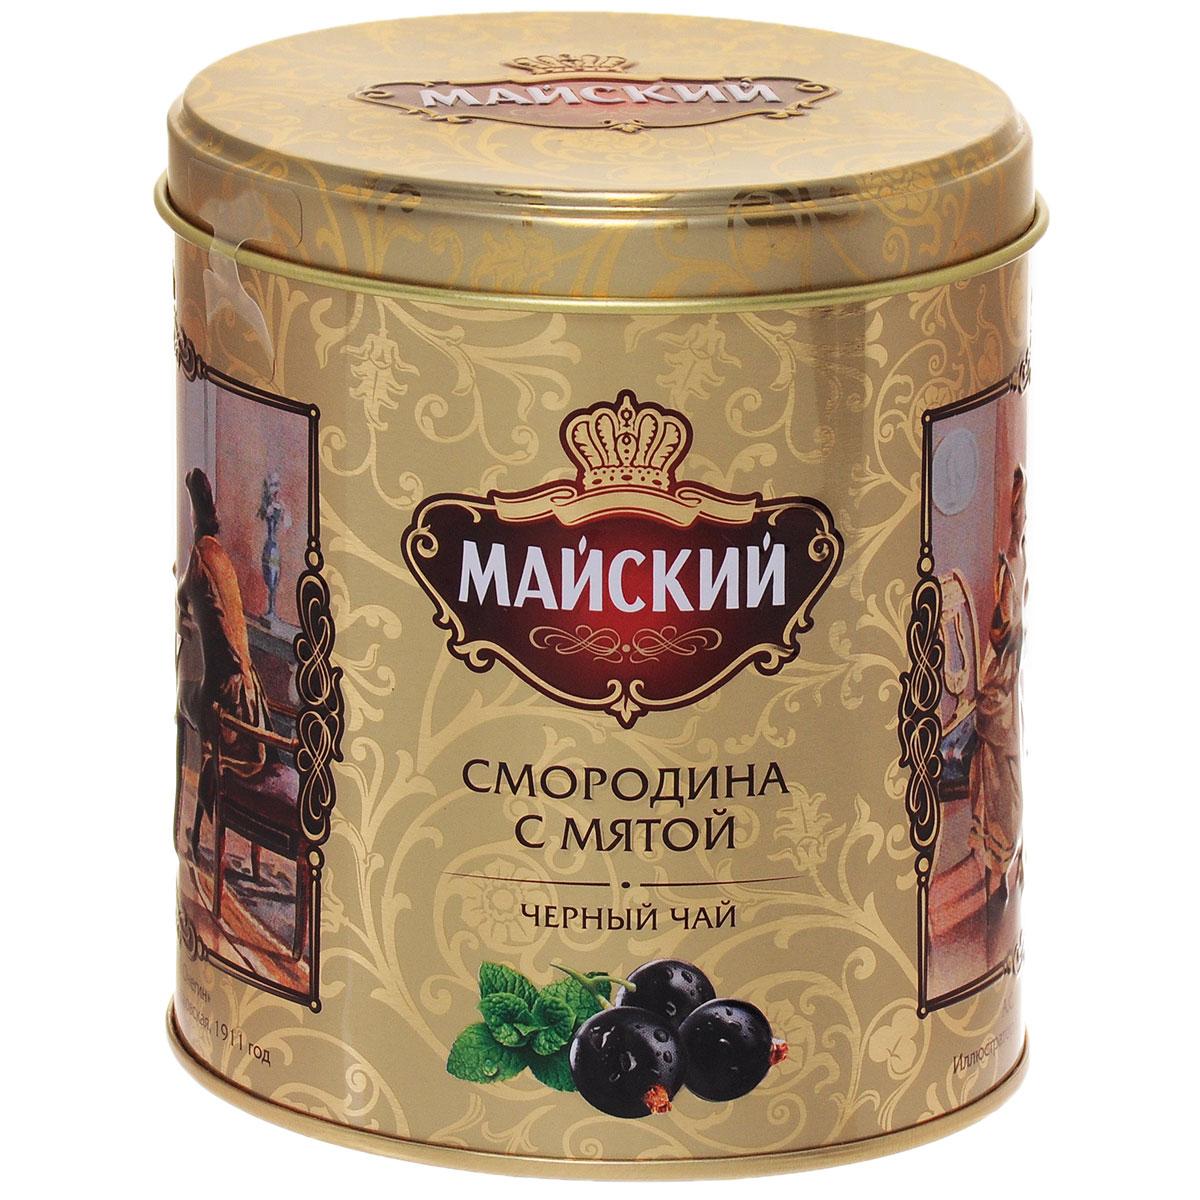 Майский Смородина с мятой черный ароматизированный листовой чай, 90 г114453Майский Смородина с мятой - это волнующее сочетание вкуса черного чая, сочной спелой смородины и натуральной мяты.Всё о чае: сорта, факты, советы по выбору и употреблению. Статья OZON Гид